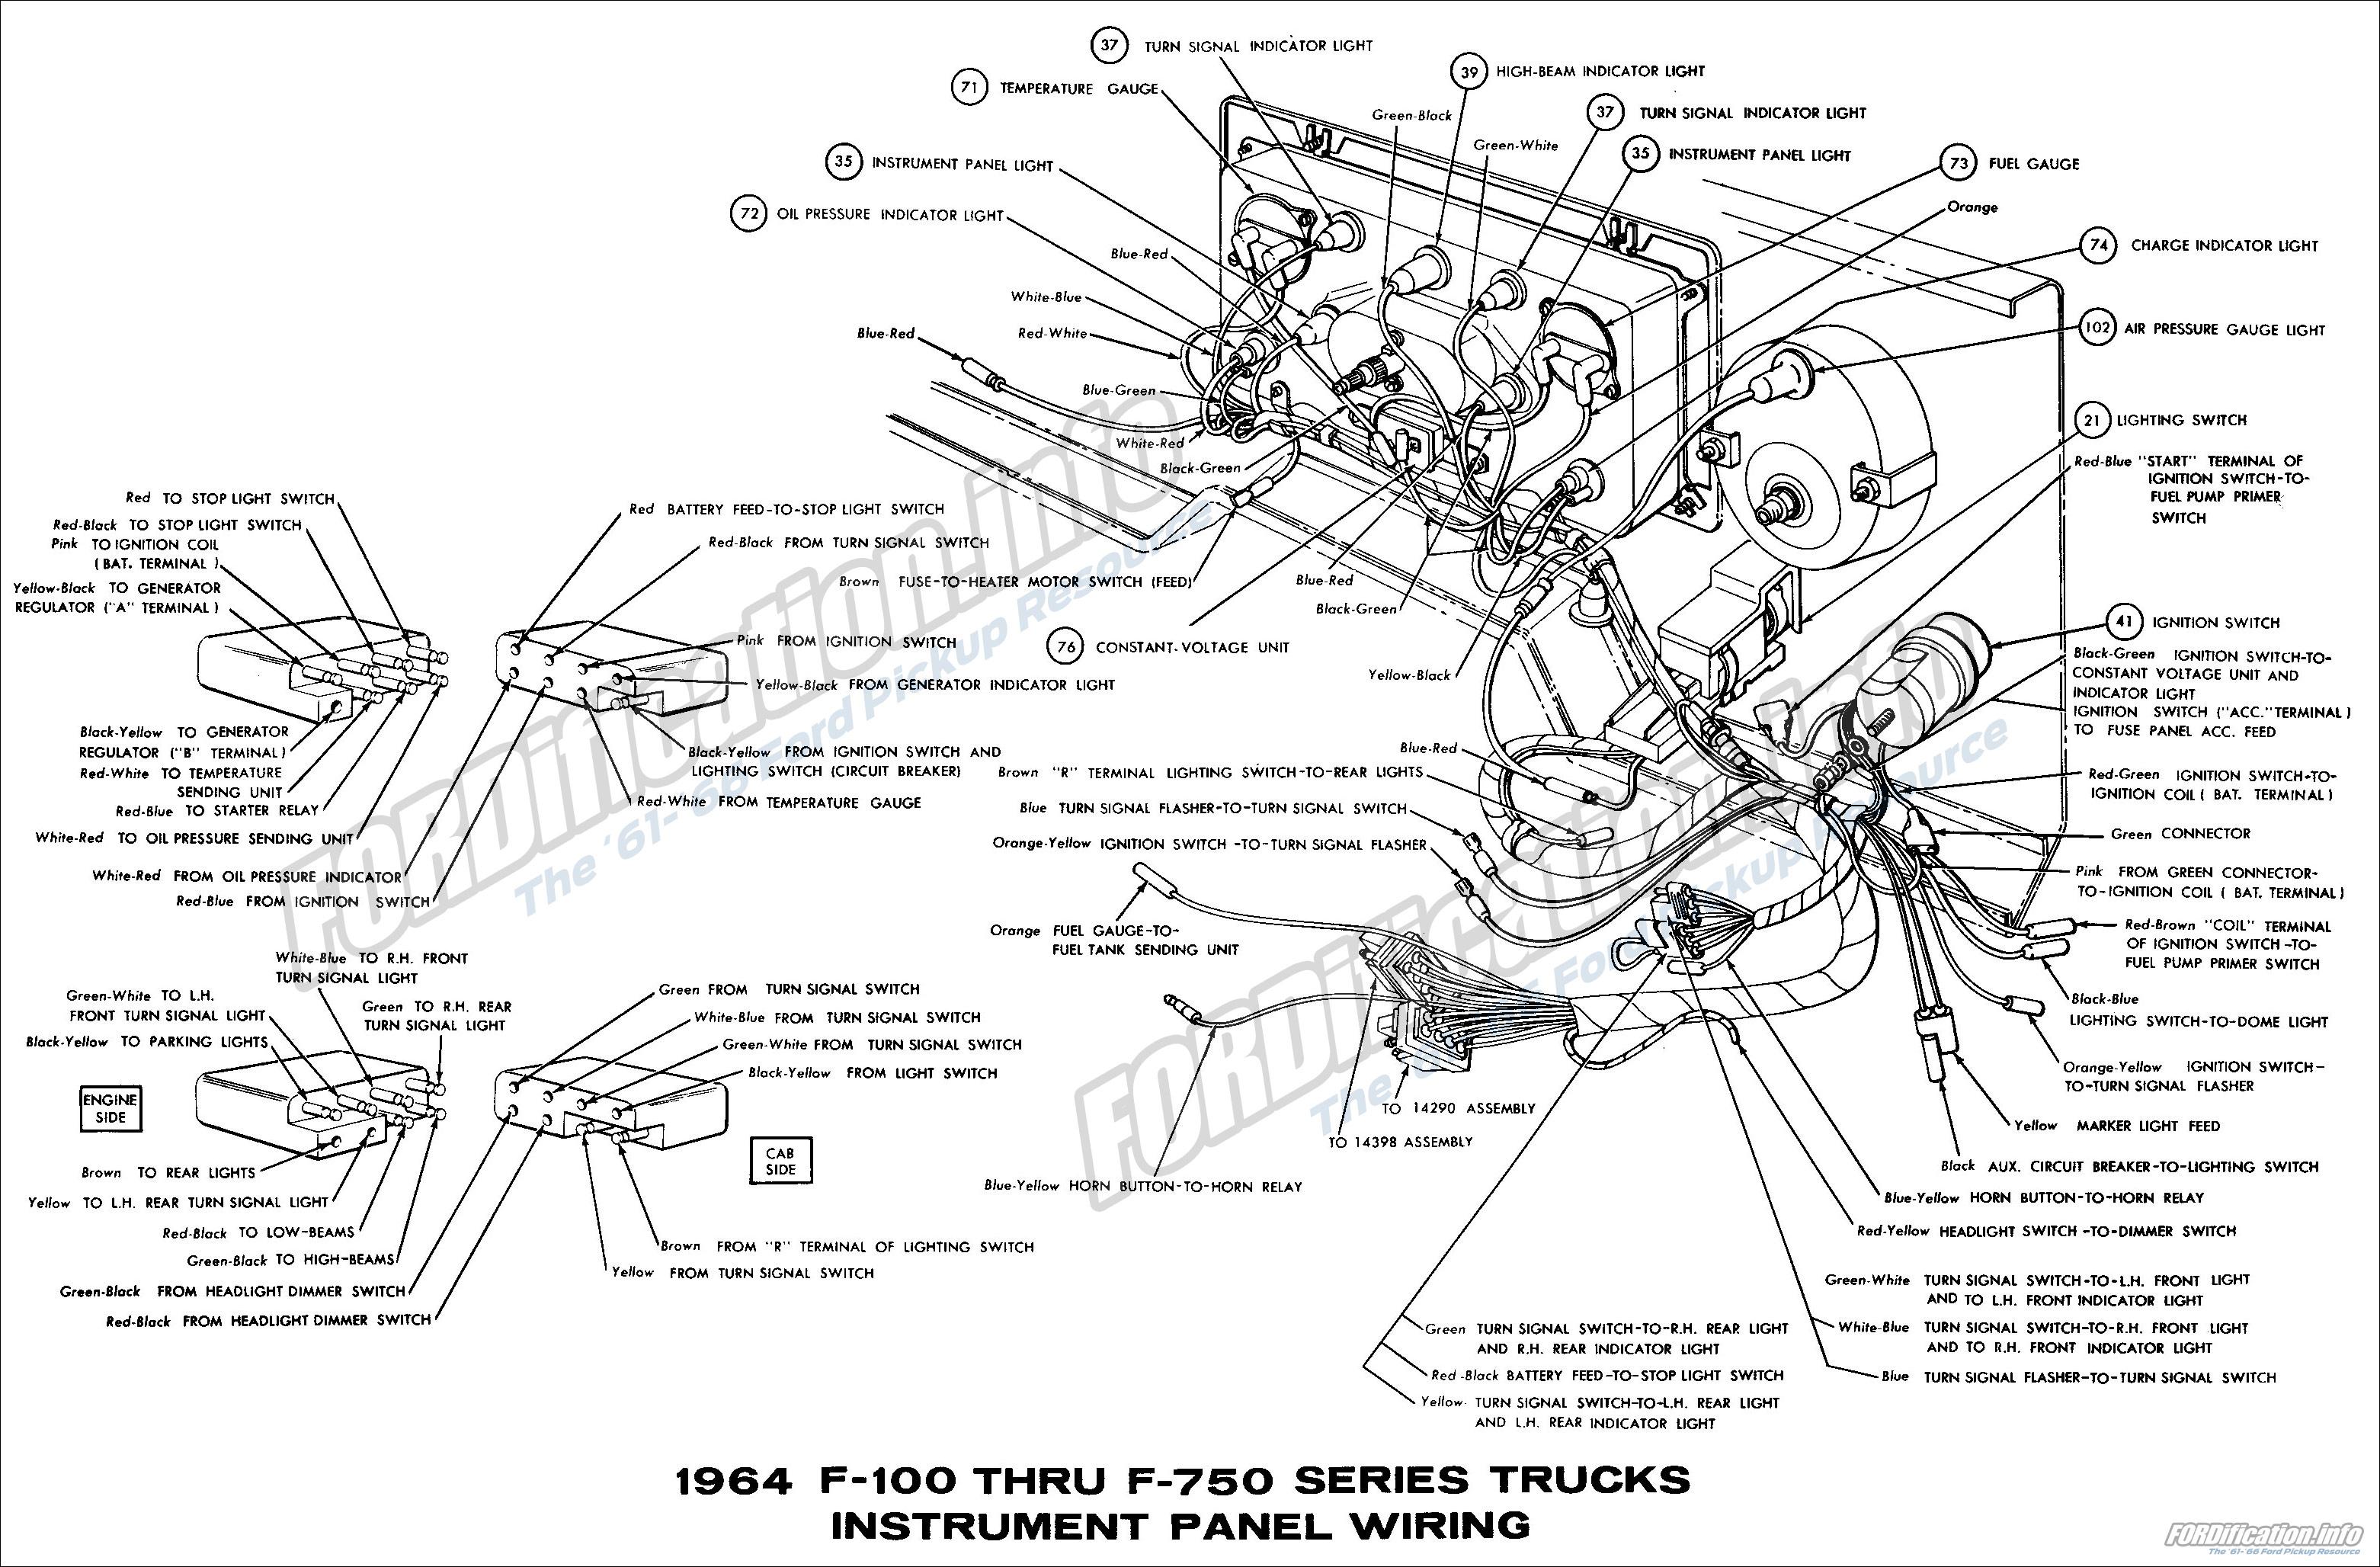 Chevy C Wiring Diagram Merzienet - 1966 chevy impala starter wiring